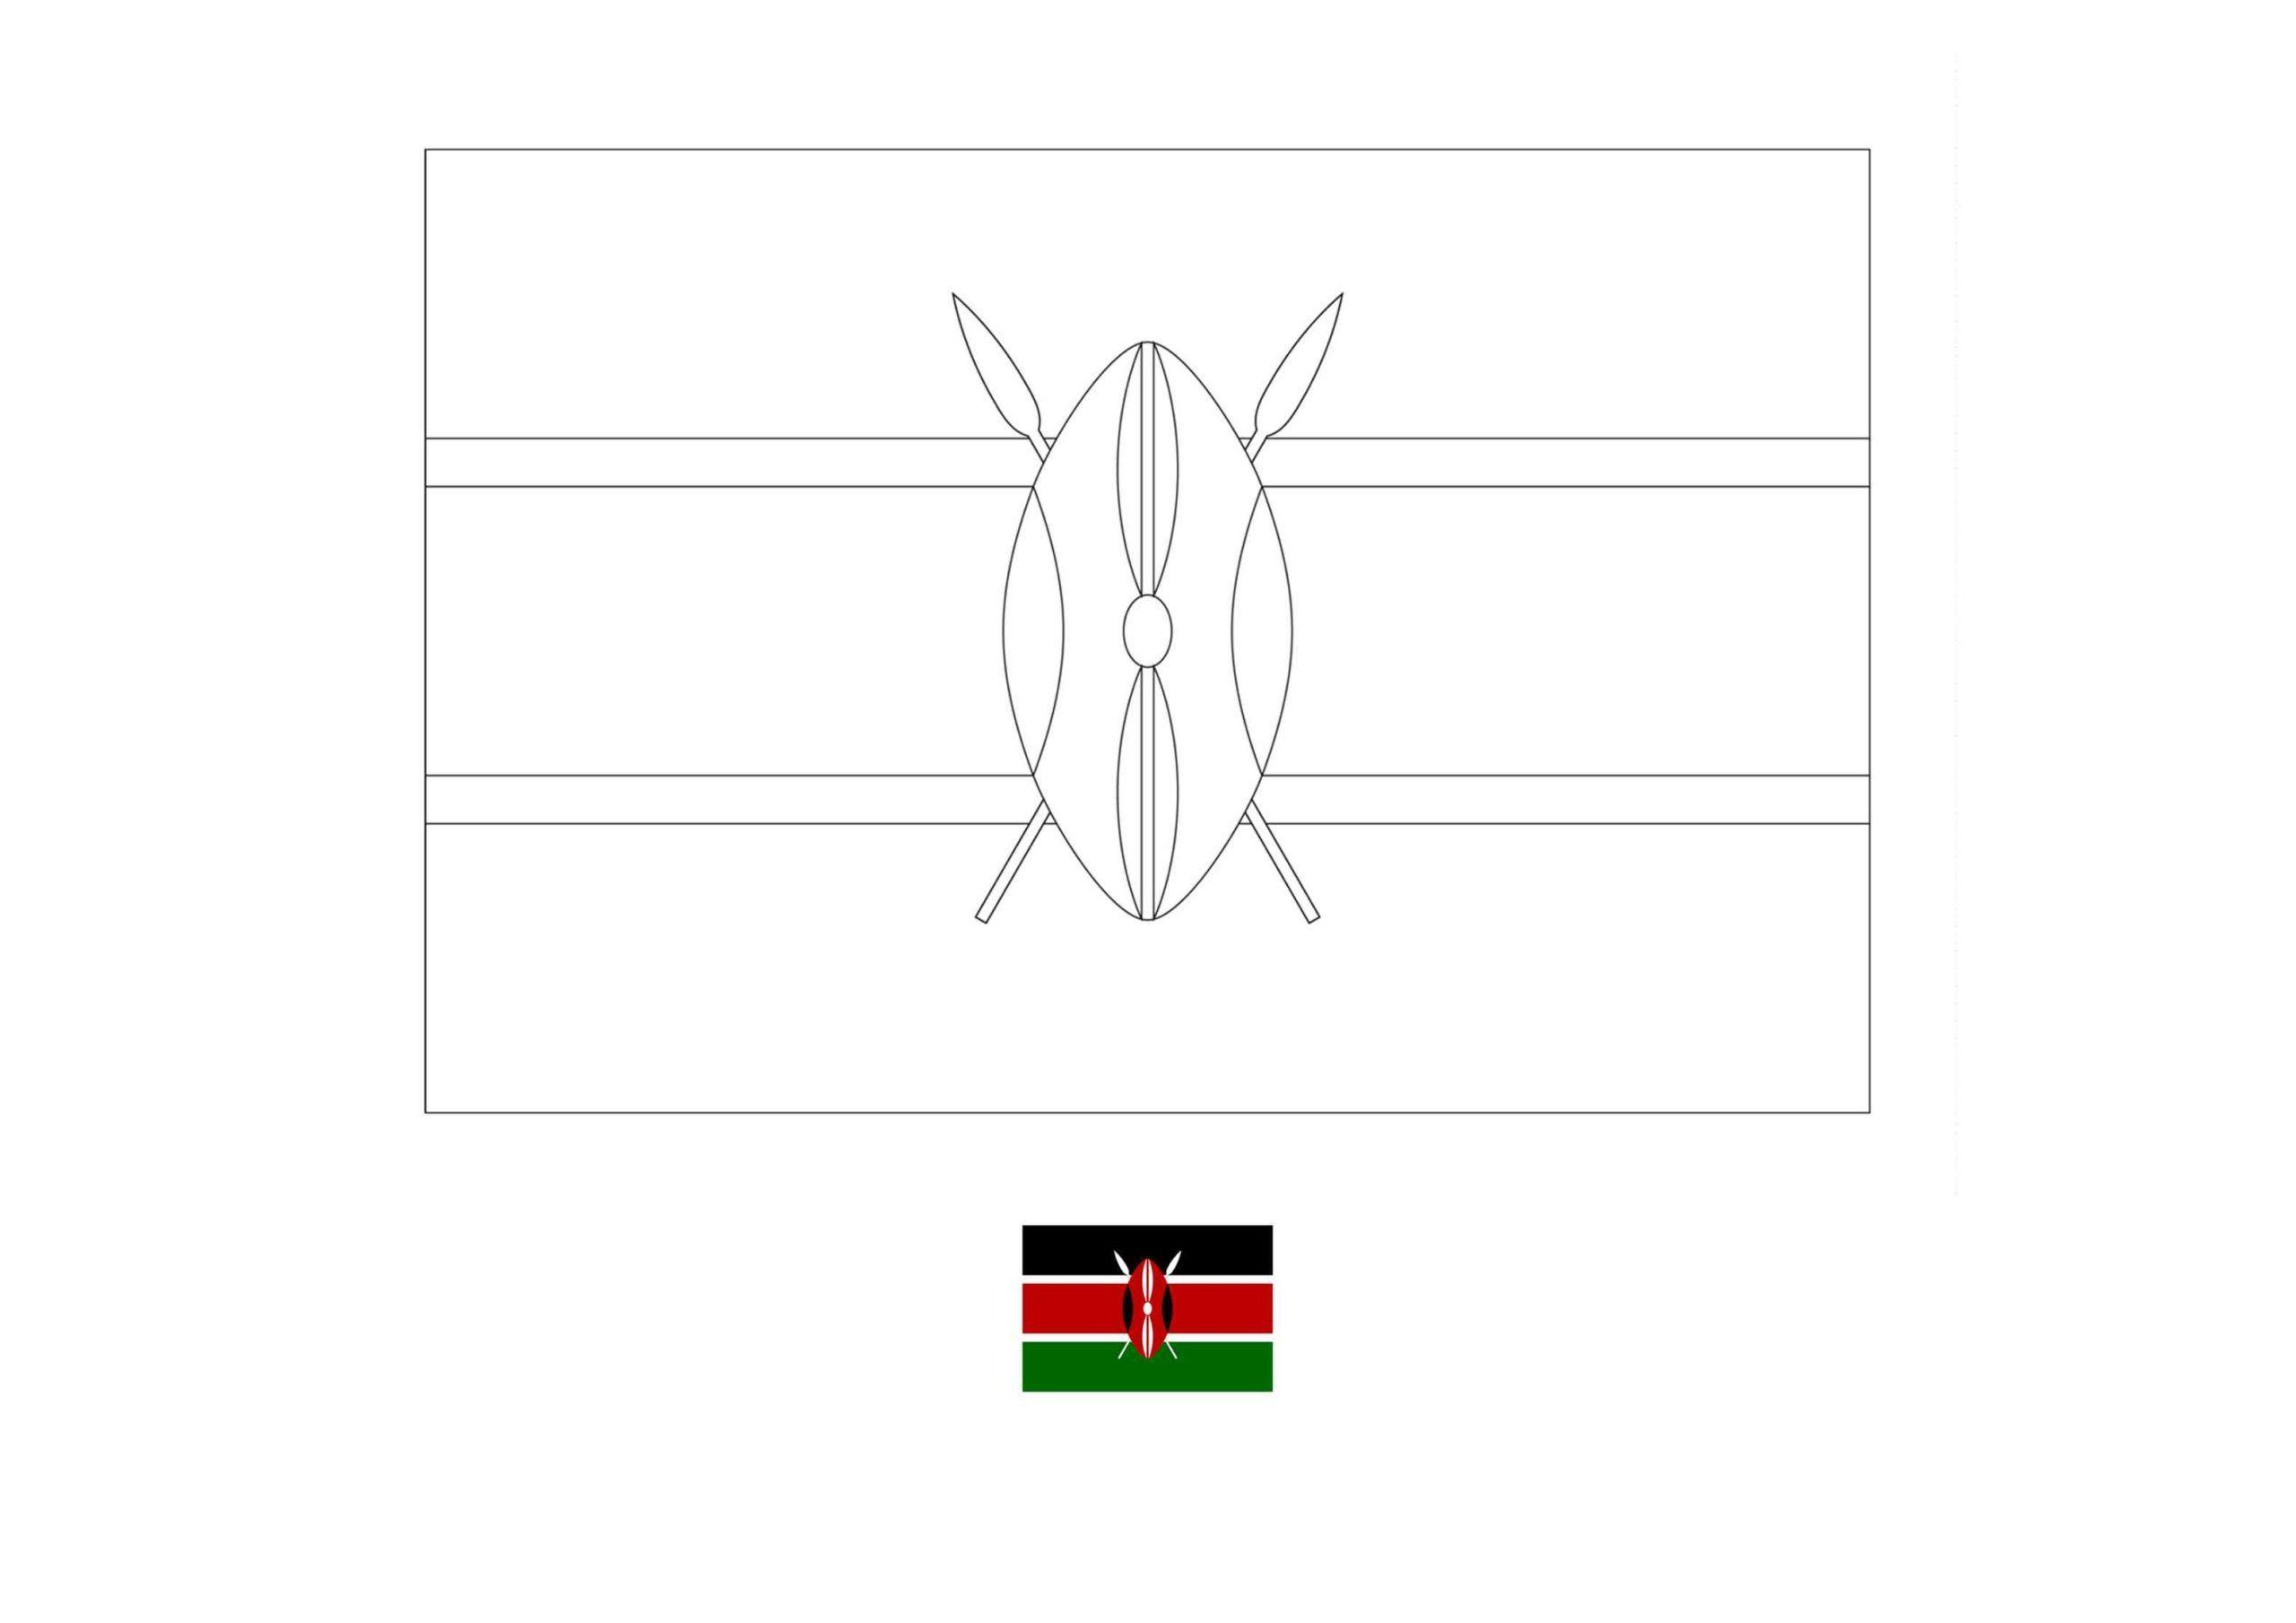 Flag Of Kenya Coloring Page Free Coloring Sheets Coloring1 Com